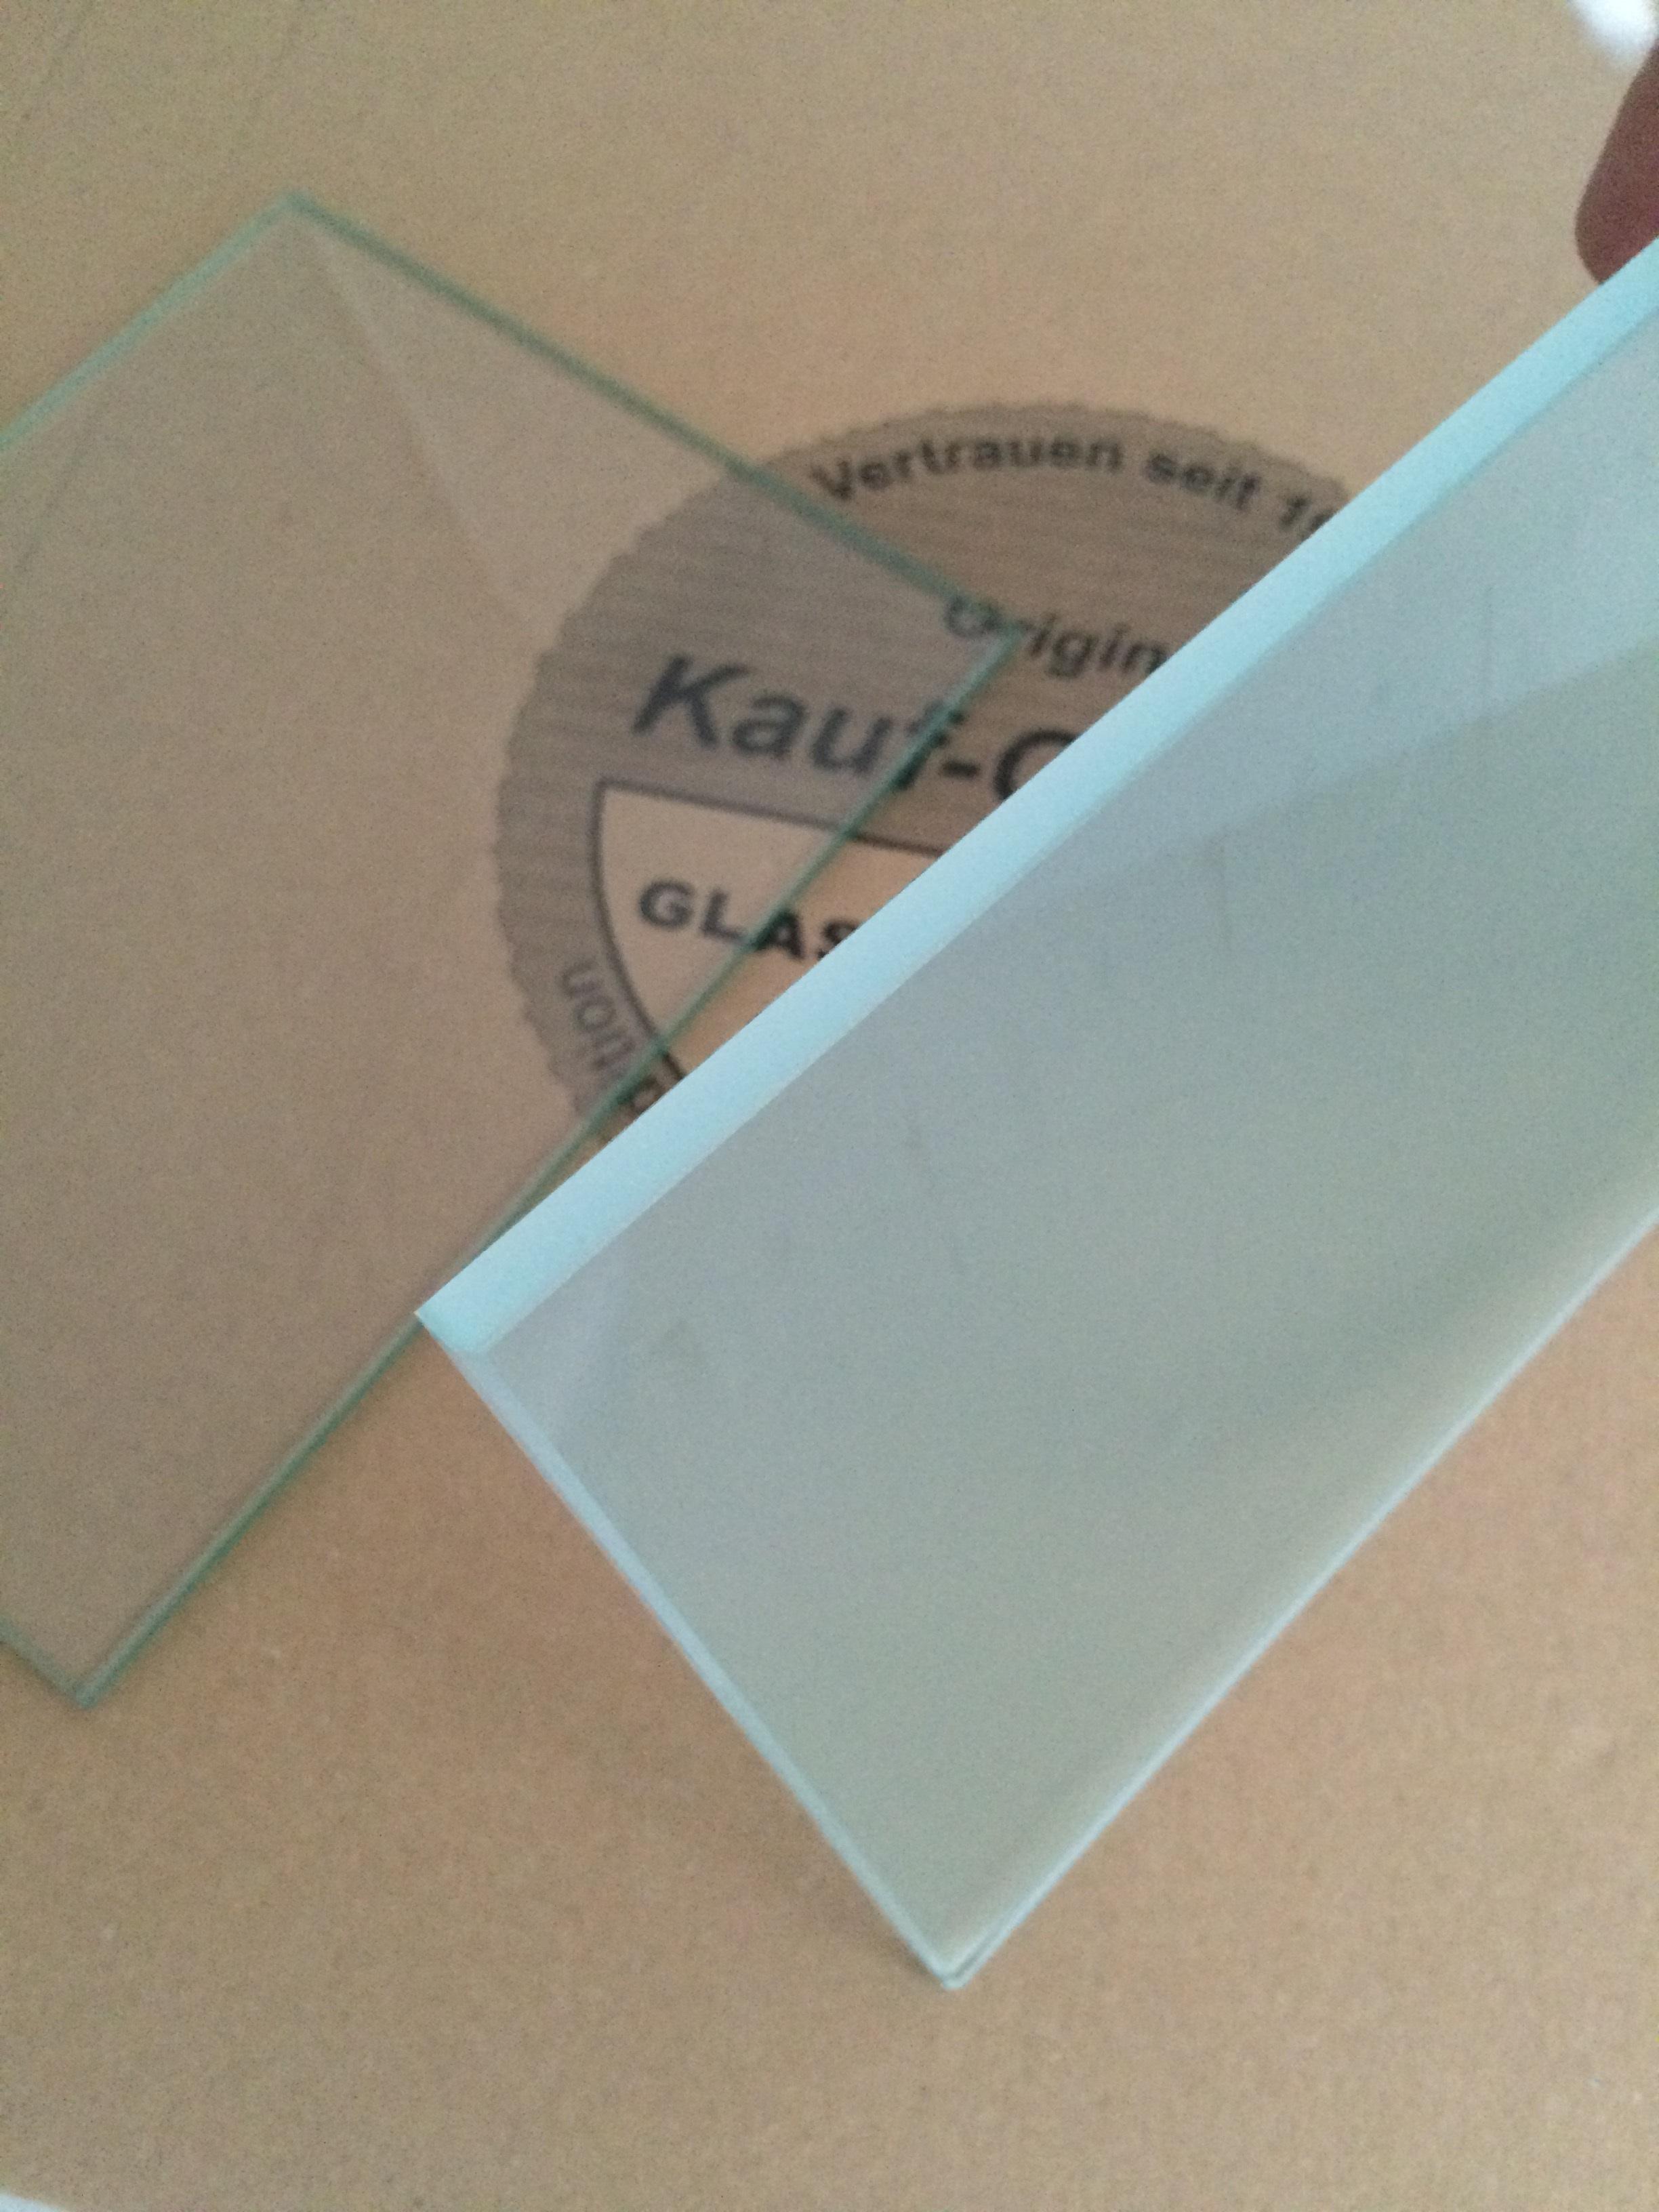 glasscheibe online bestellen, satiniertes glas (milchglas) - kauf-glas.de | glas online kaufen, Design ideen